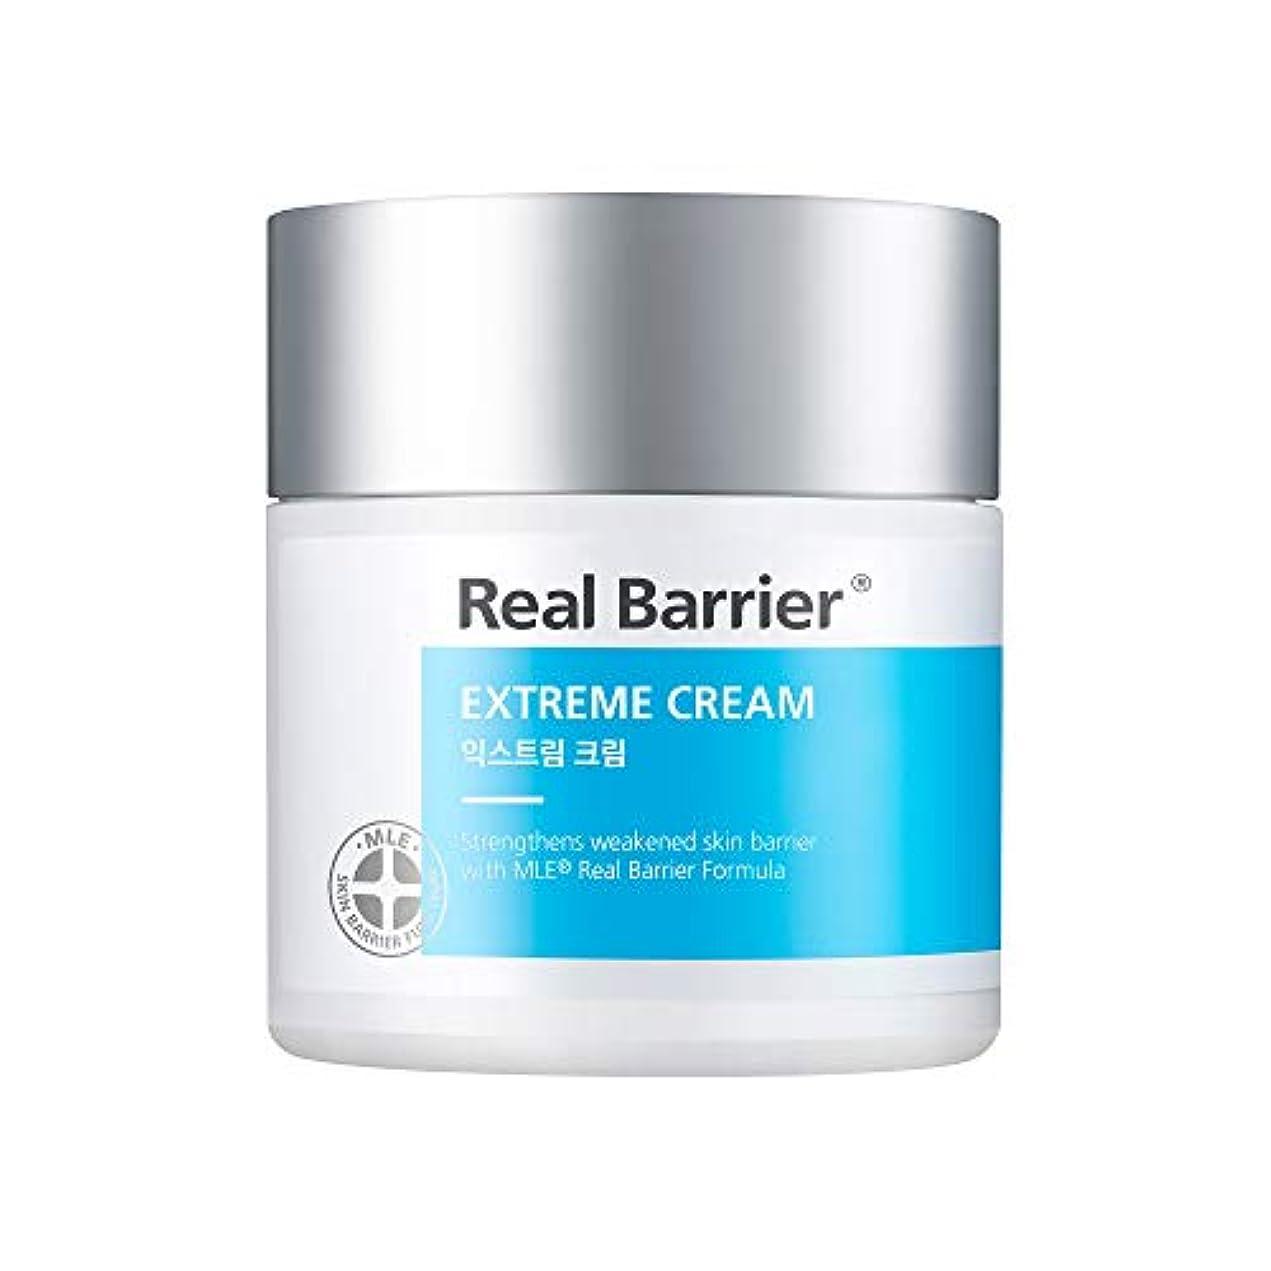 大通り遮る編集者アトパーム(atopalm) リアルベリアエクストリームクリーム/Atopam Real Barrier Extreme Cream